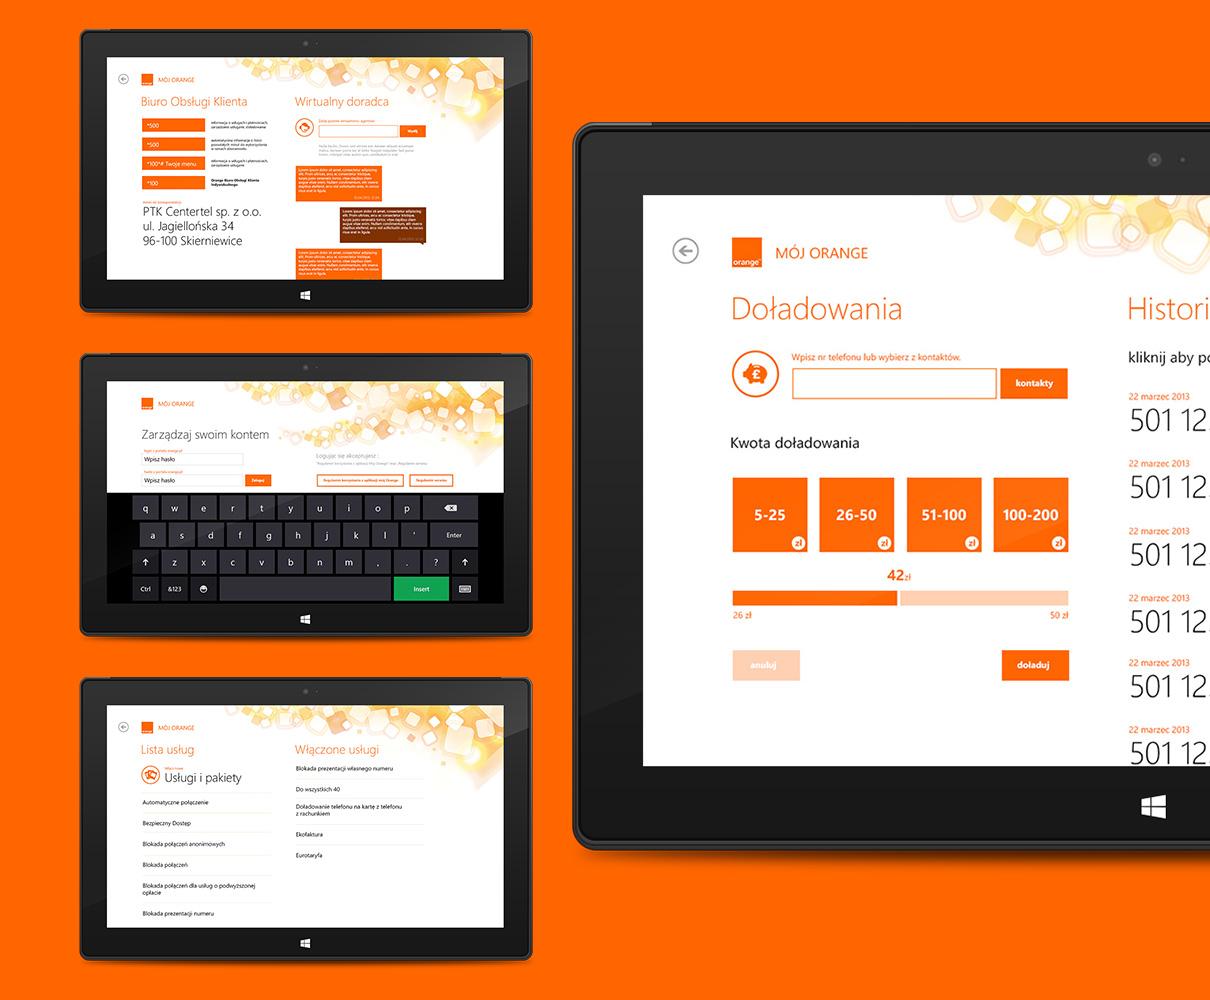 orange_tab